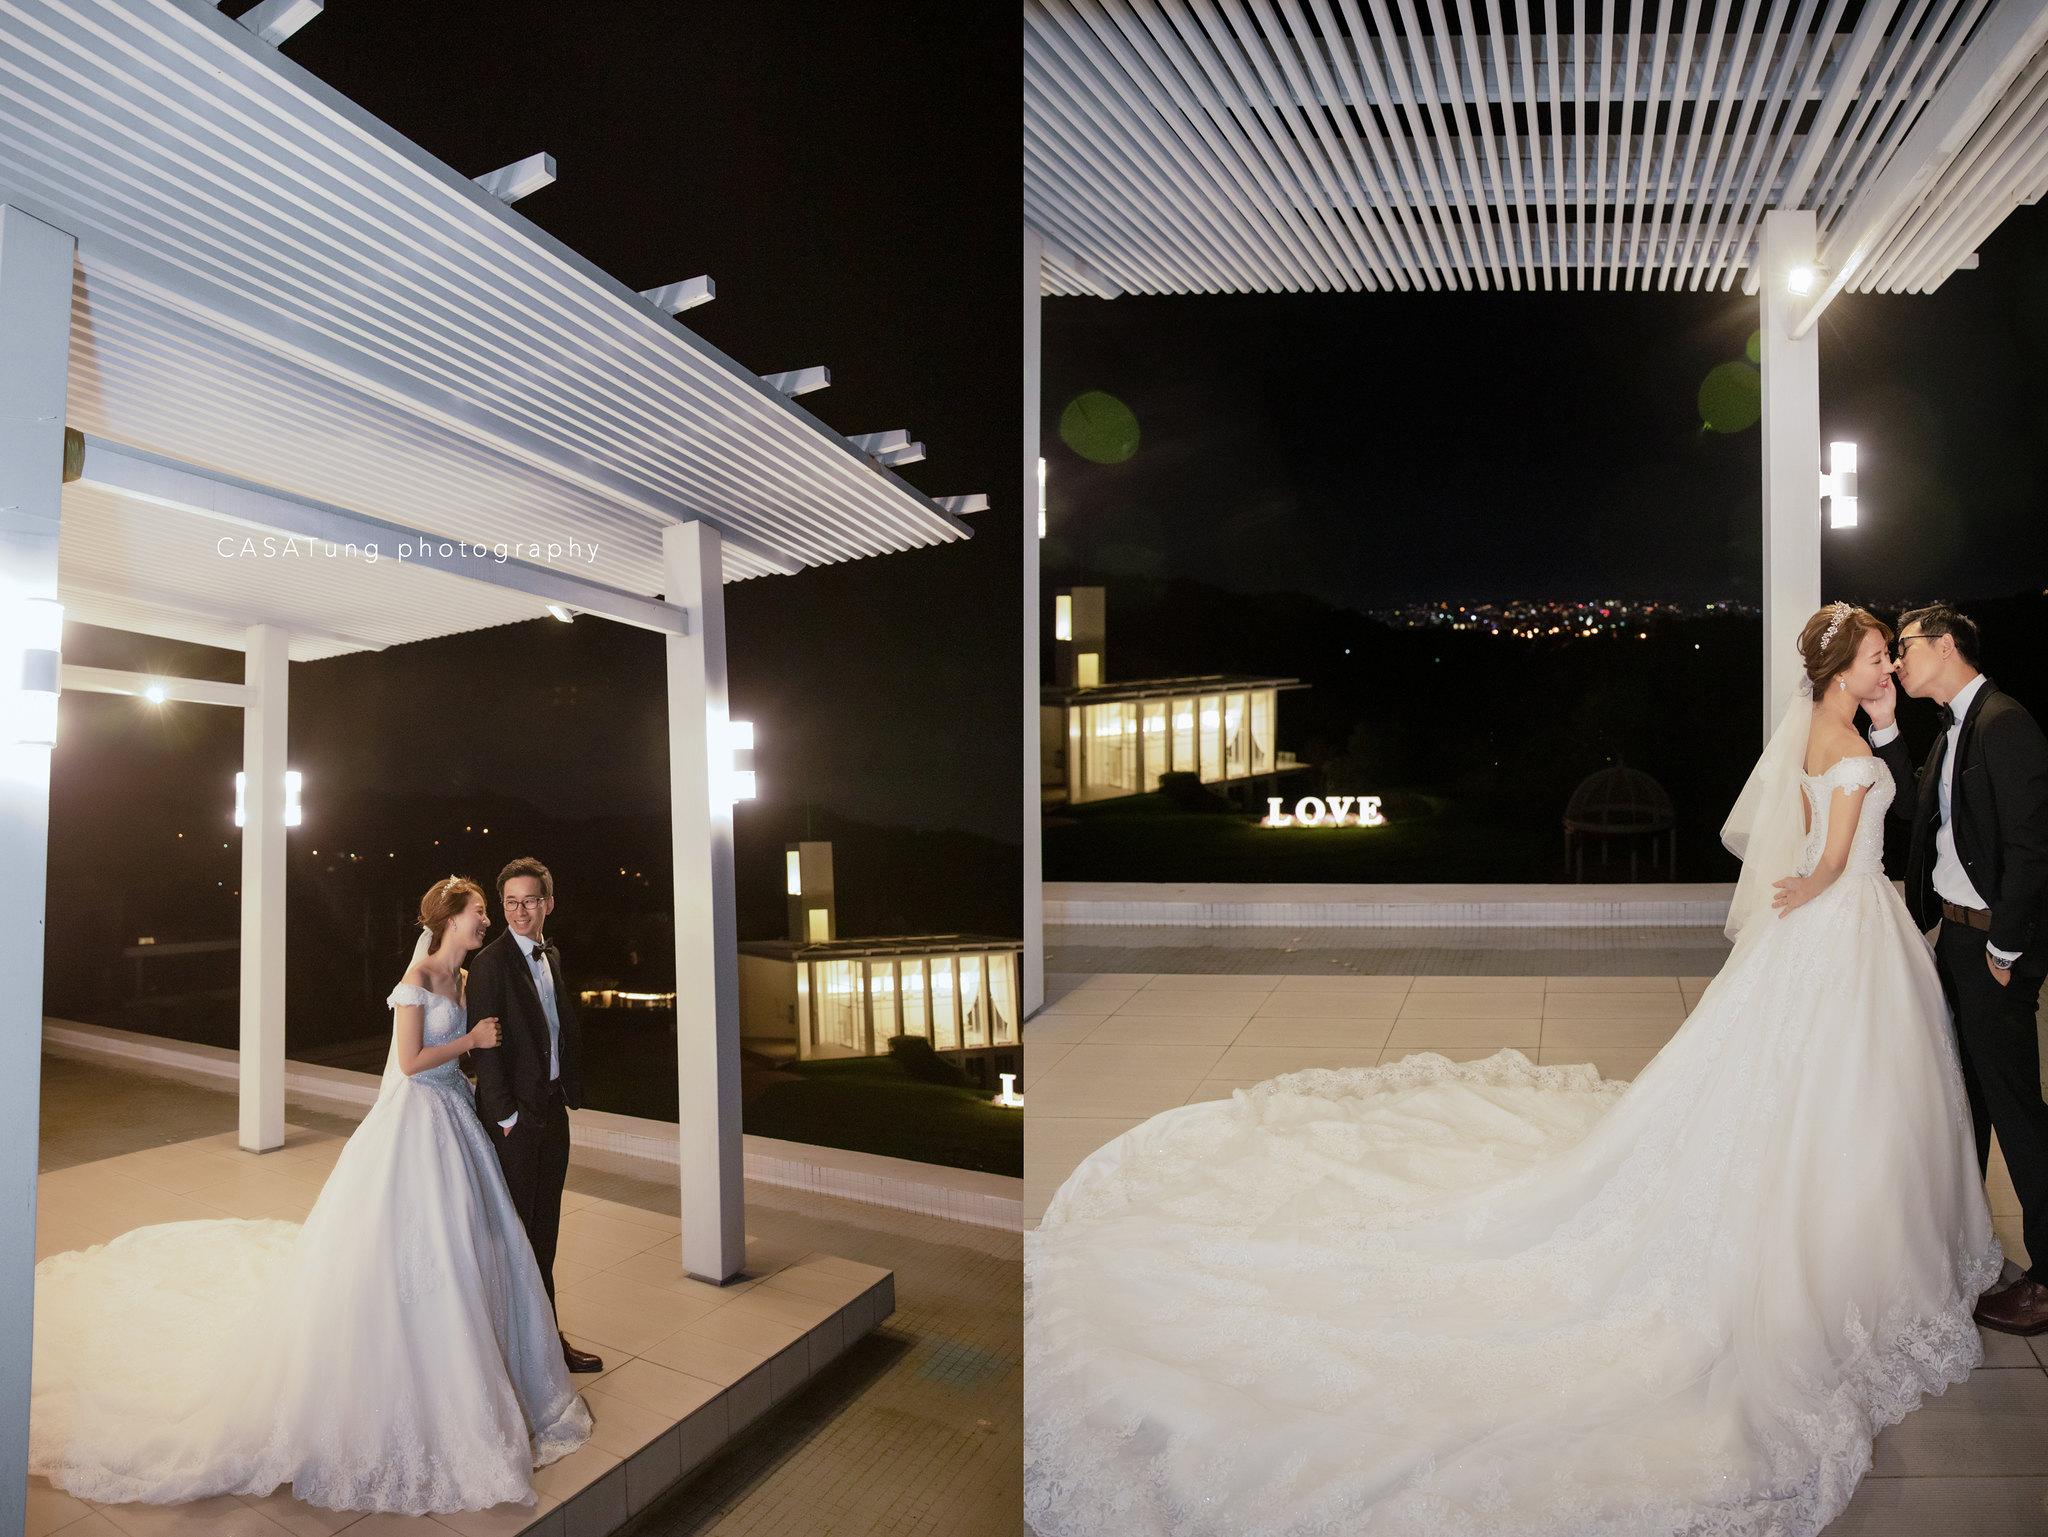 台中自助婚紗,旋轉木馬,心之芳庭,婚攝casa-95